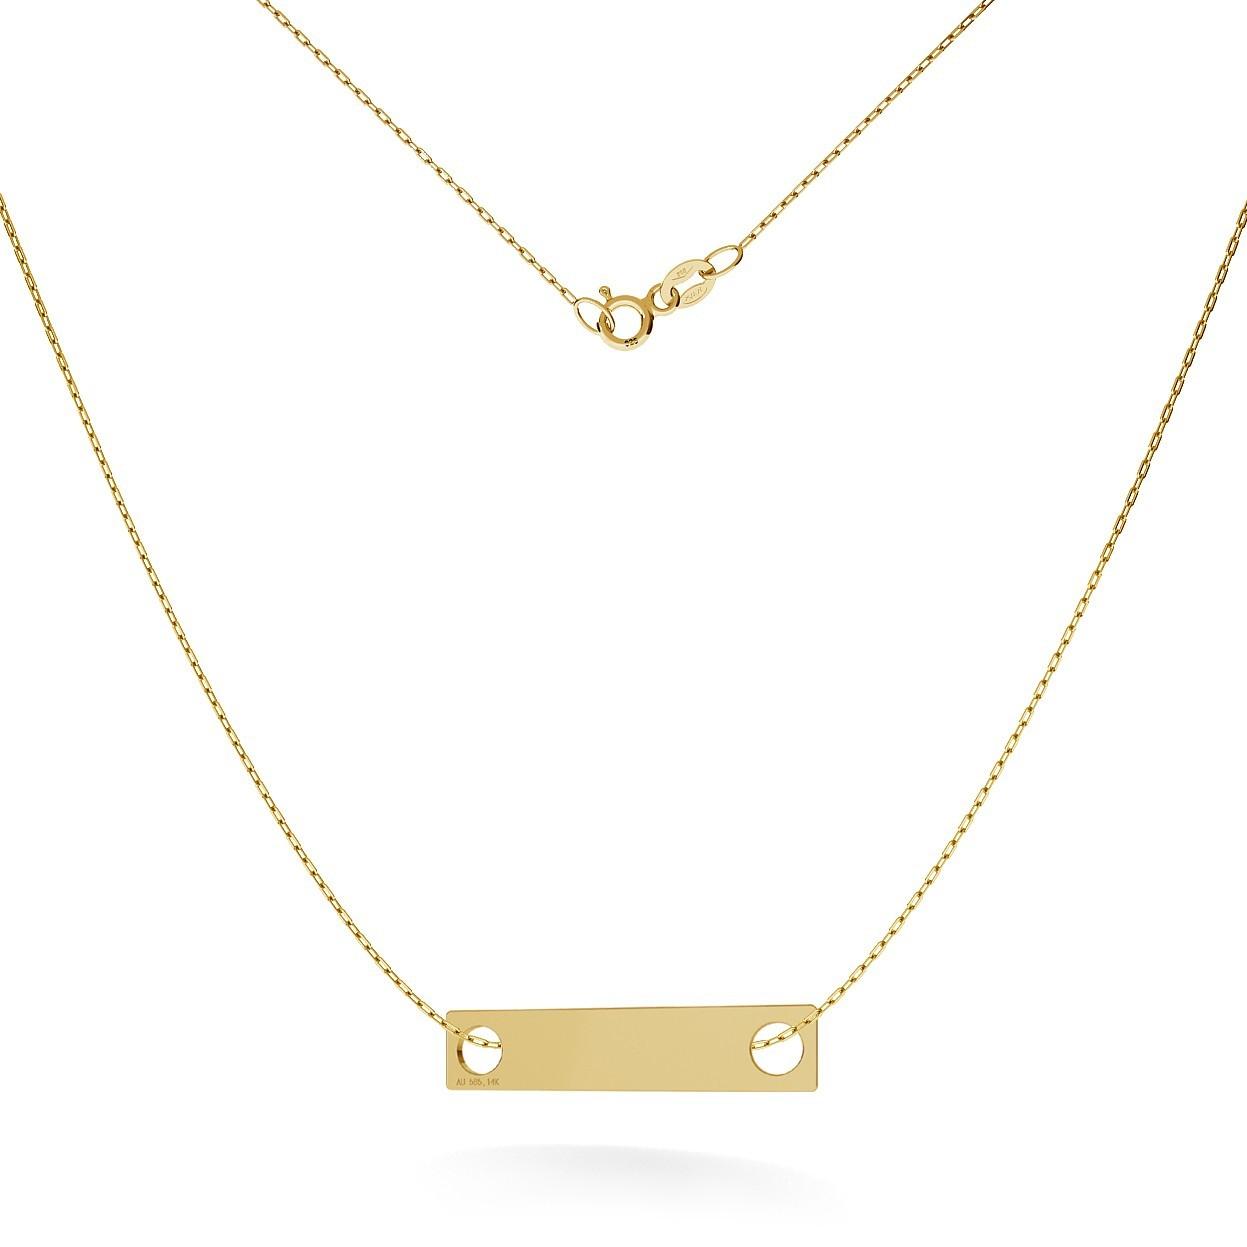 Art-Deco-schwere 18 K Gold solide Halskette Halsband